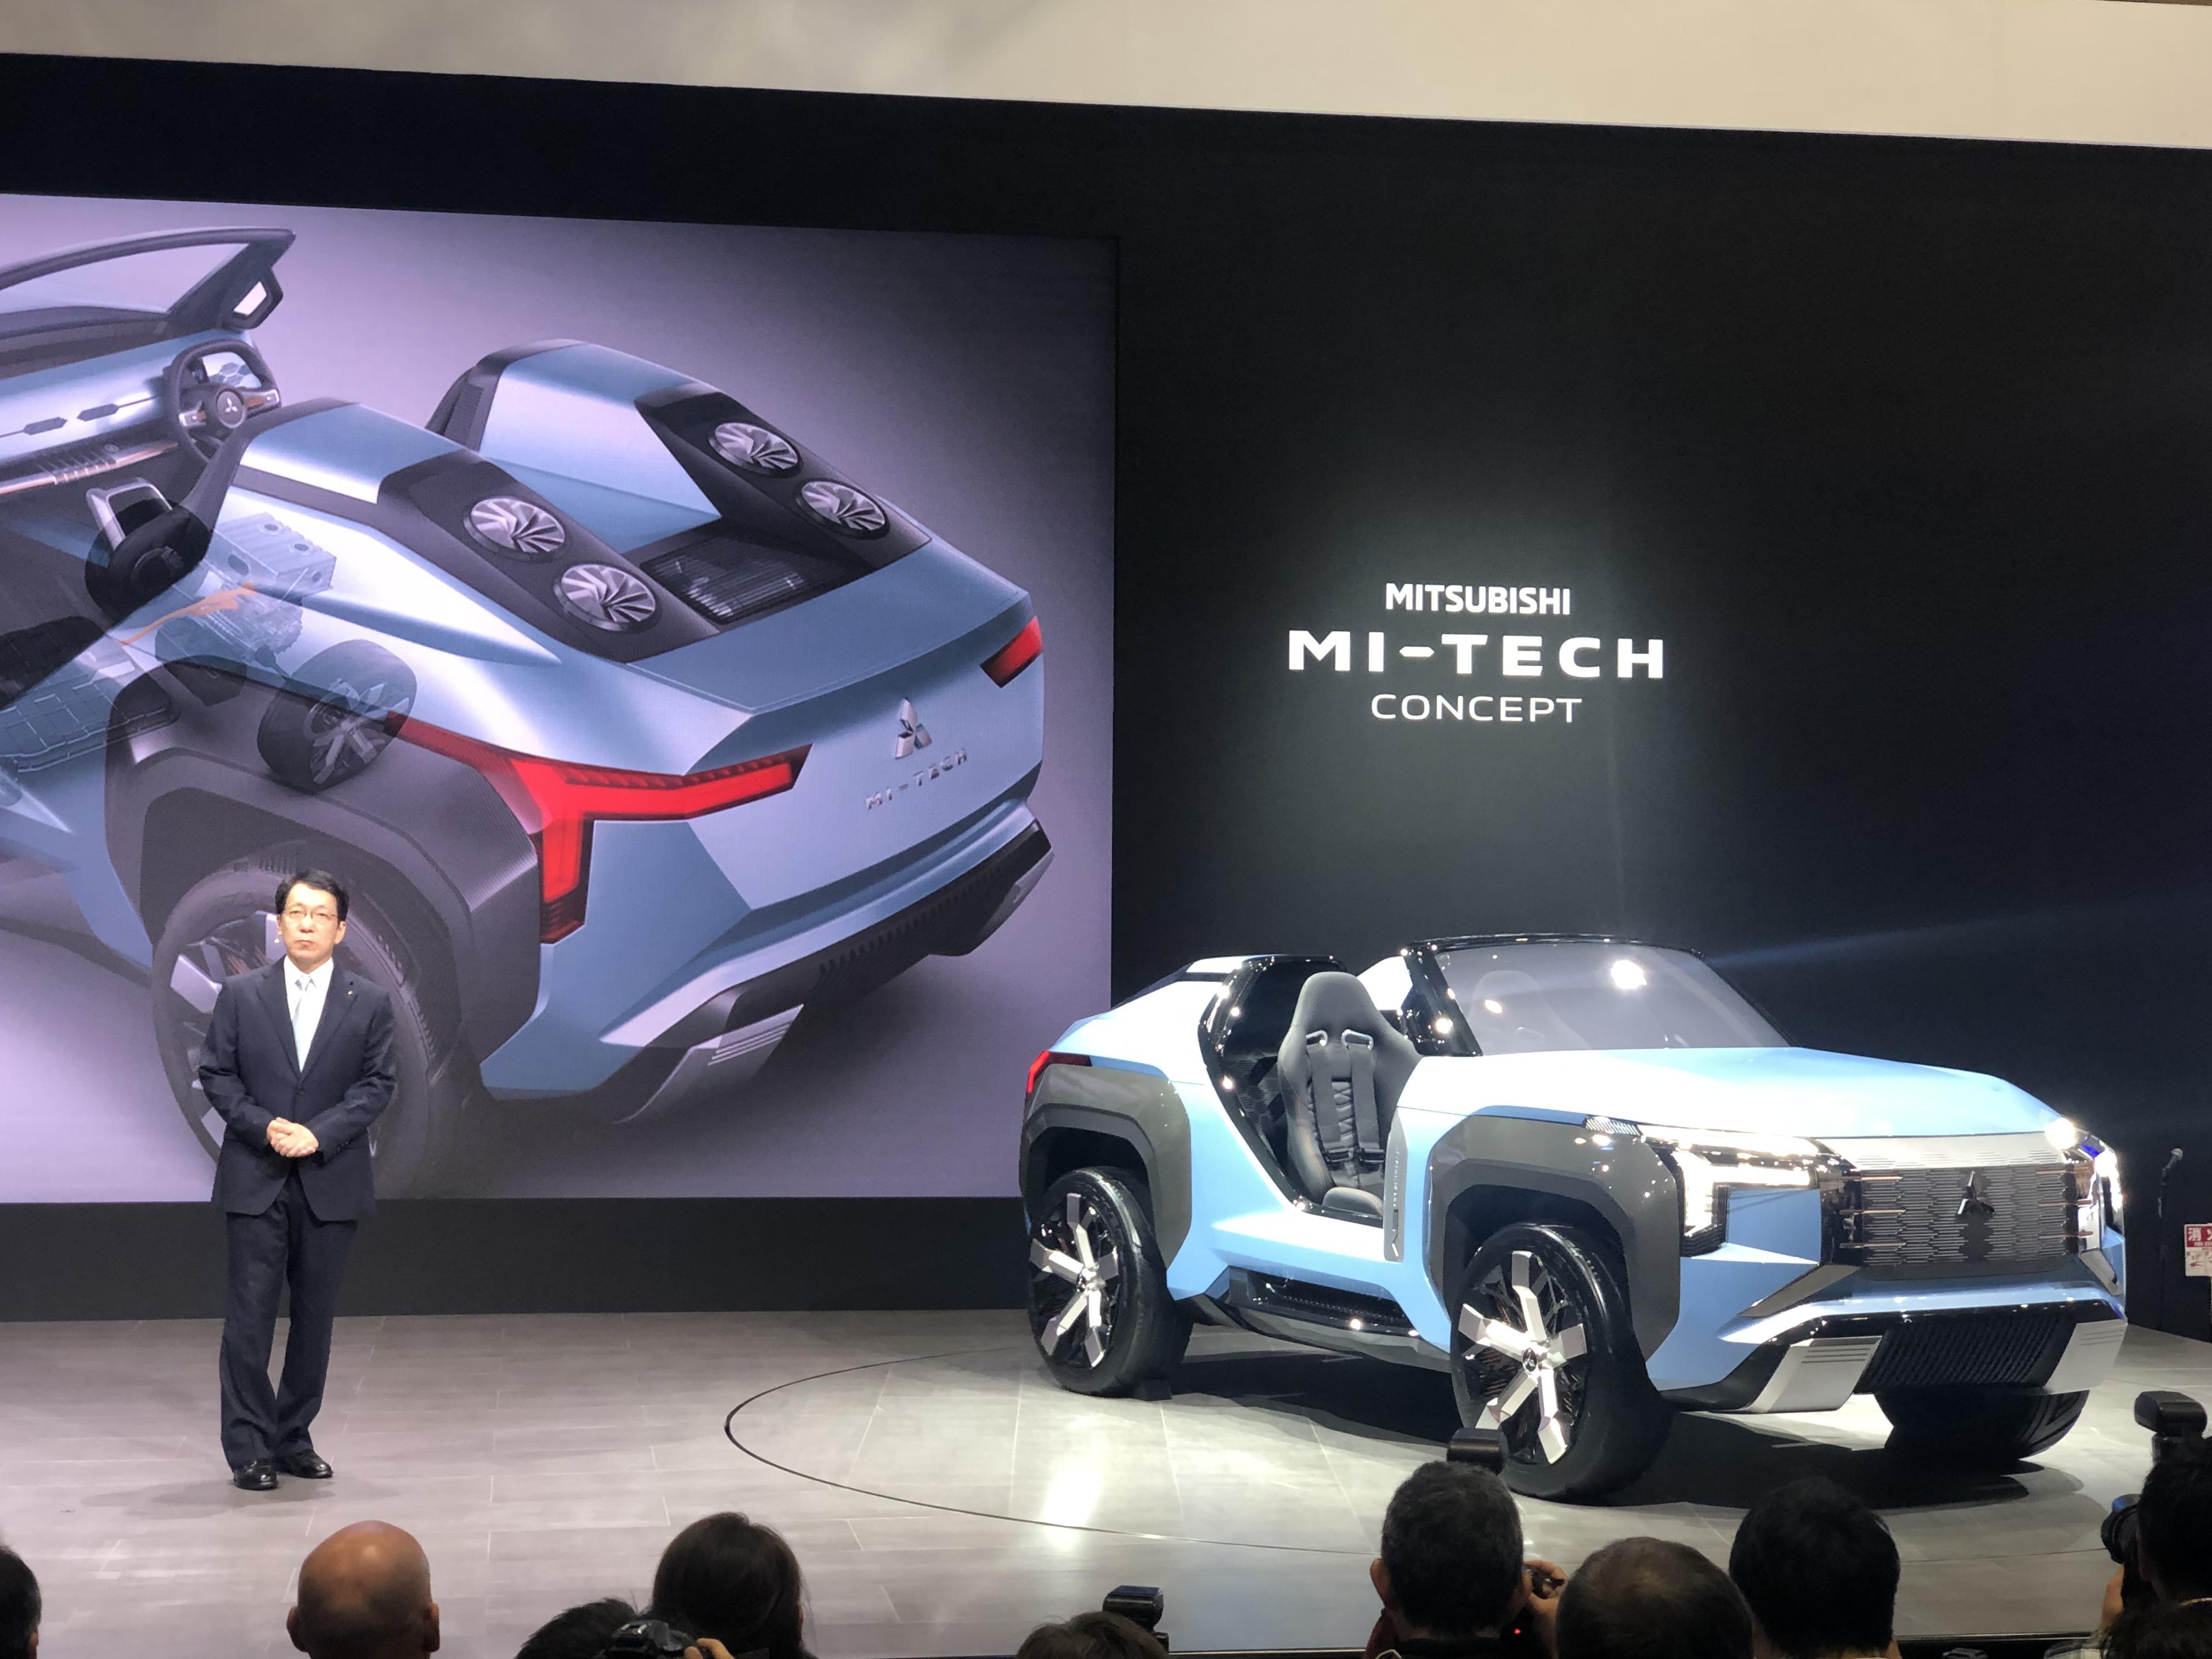 Mitsubishi Mi-Tech ibrida Plug-in con il Turbogas al posto dei pistoni